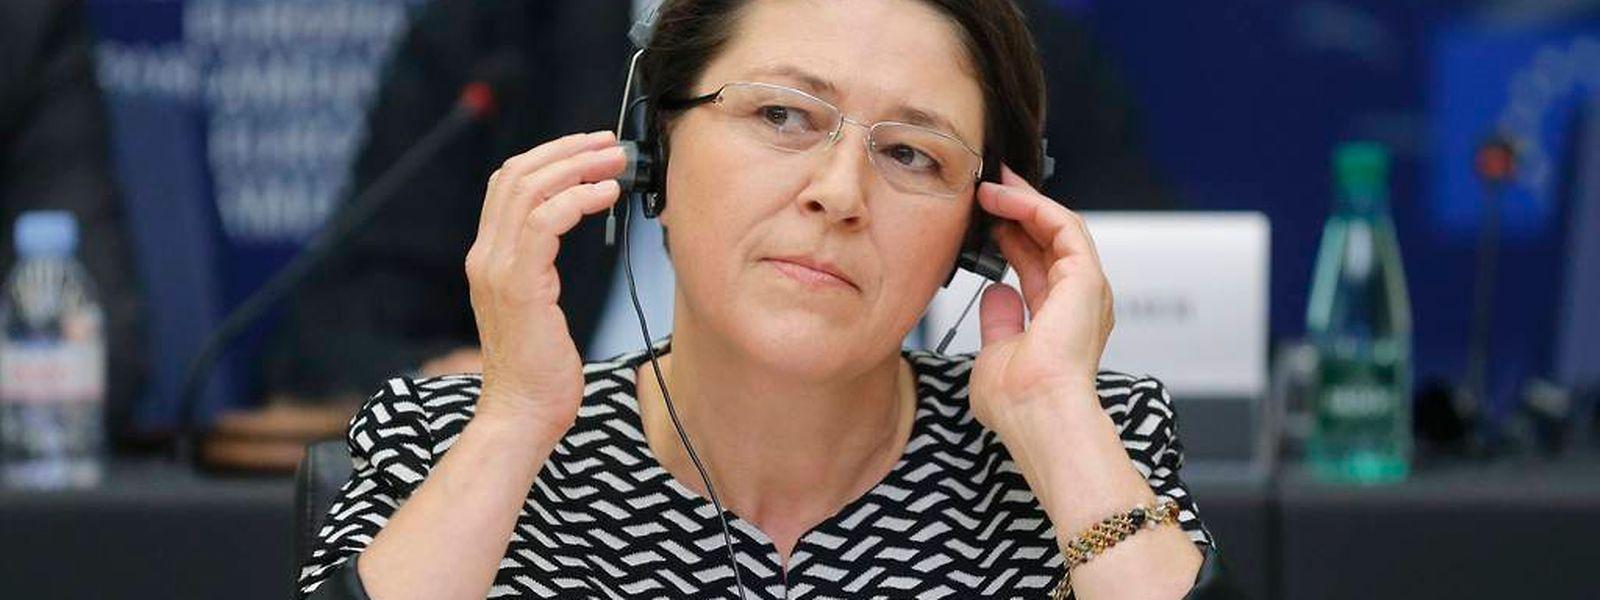 Violeta Bulc ist seit kurzem in Slowenien Entwicklungsministerin. Nun soll sie in die EU-Kommission rücken.